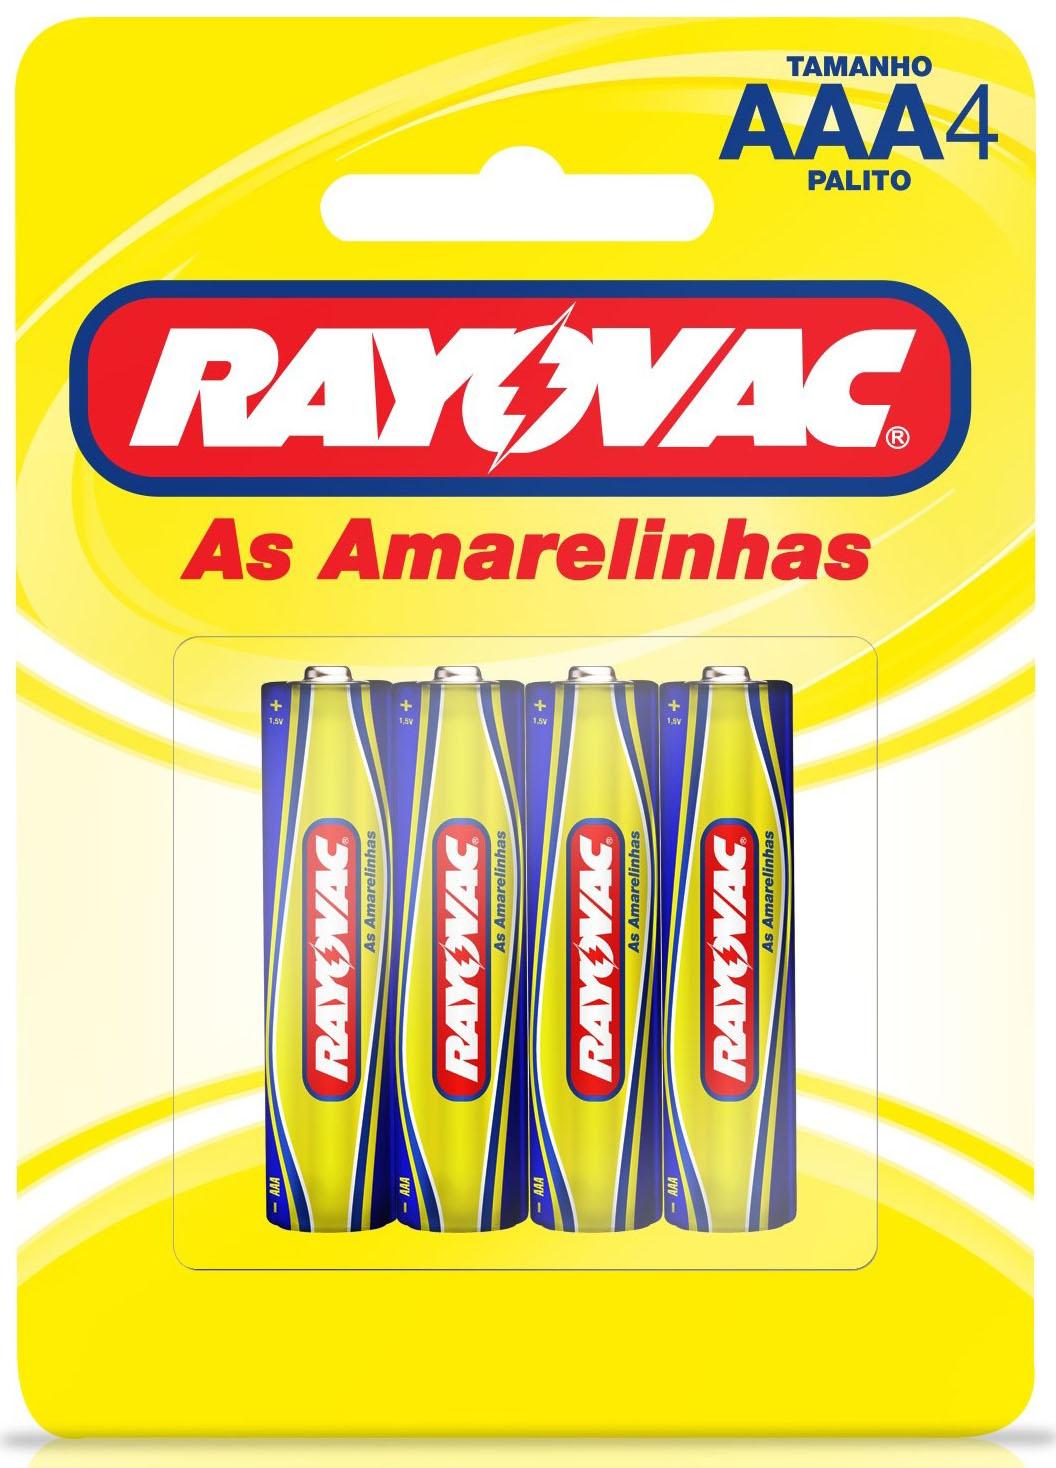 PILHA RAY AMARELINAS PLT AAA4 1X4(24)